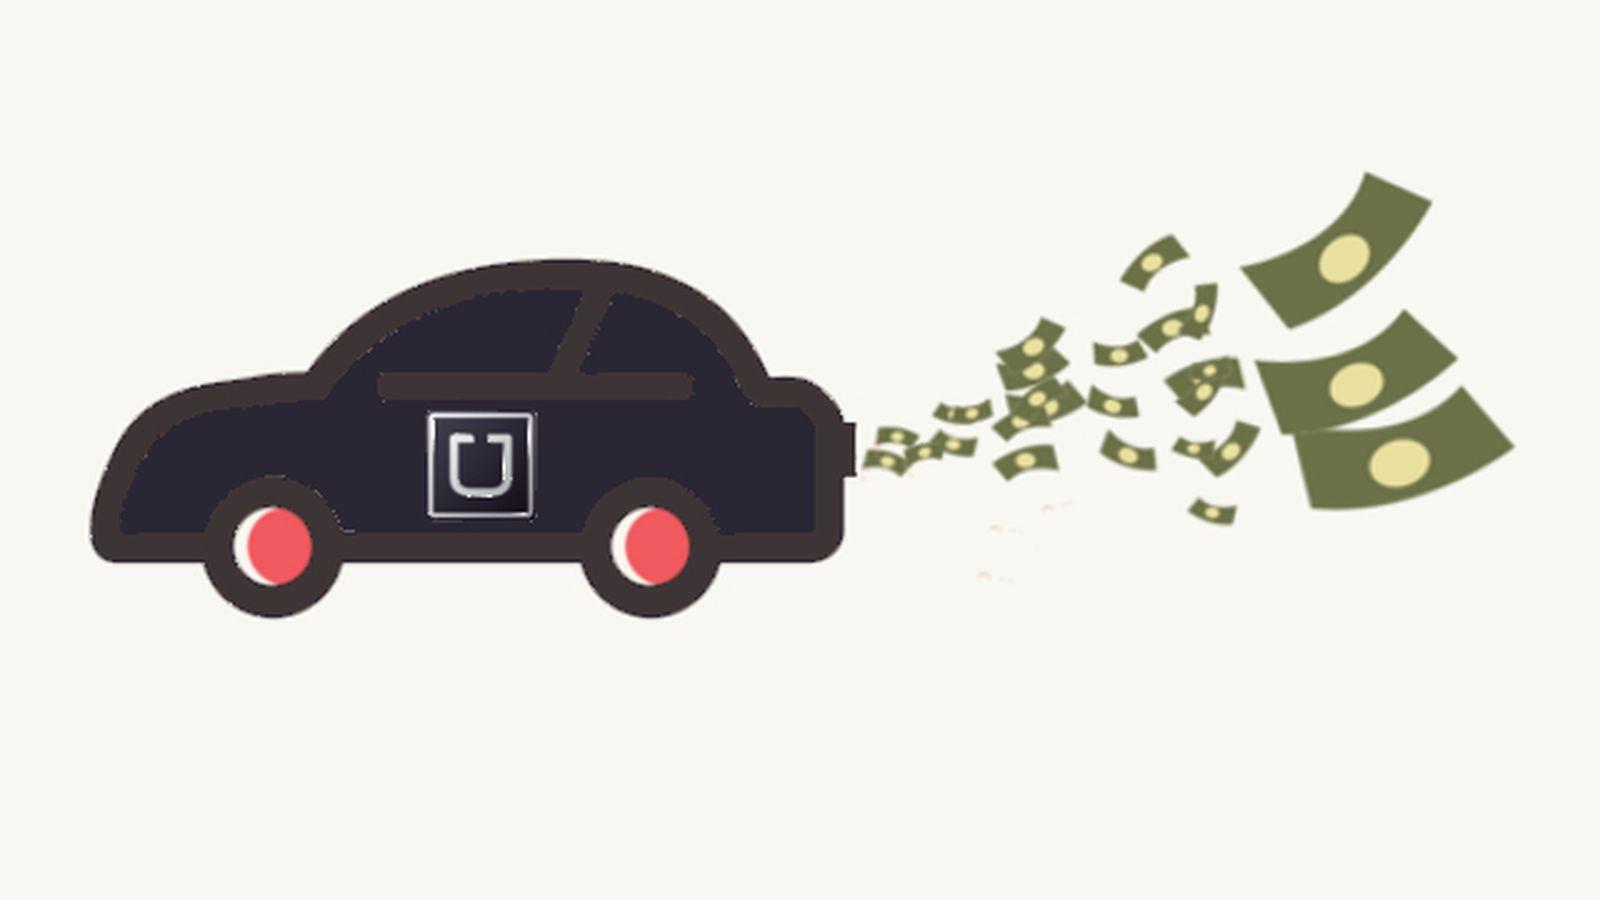 uber documentation